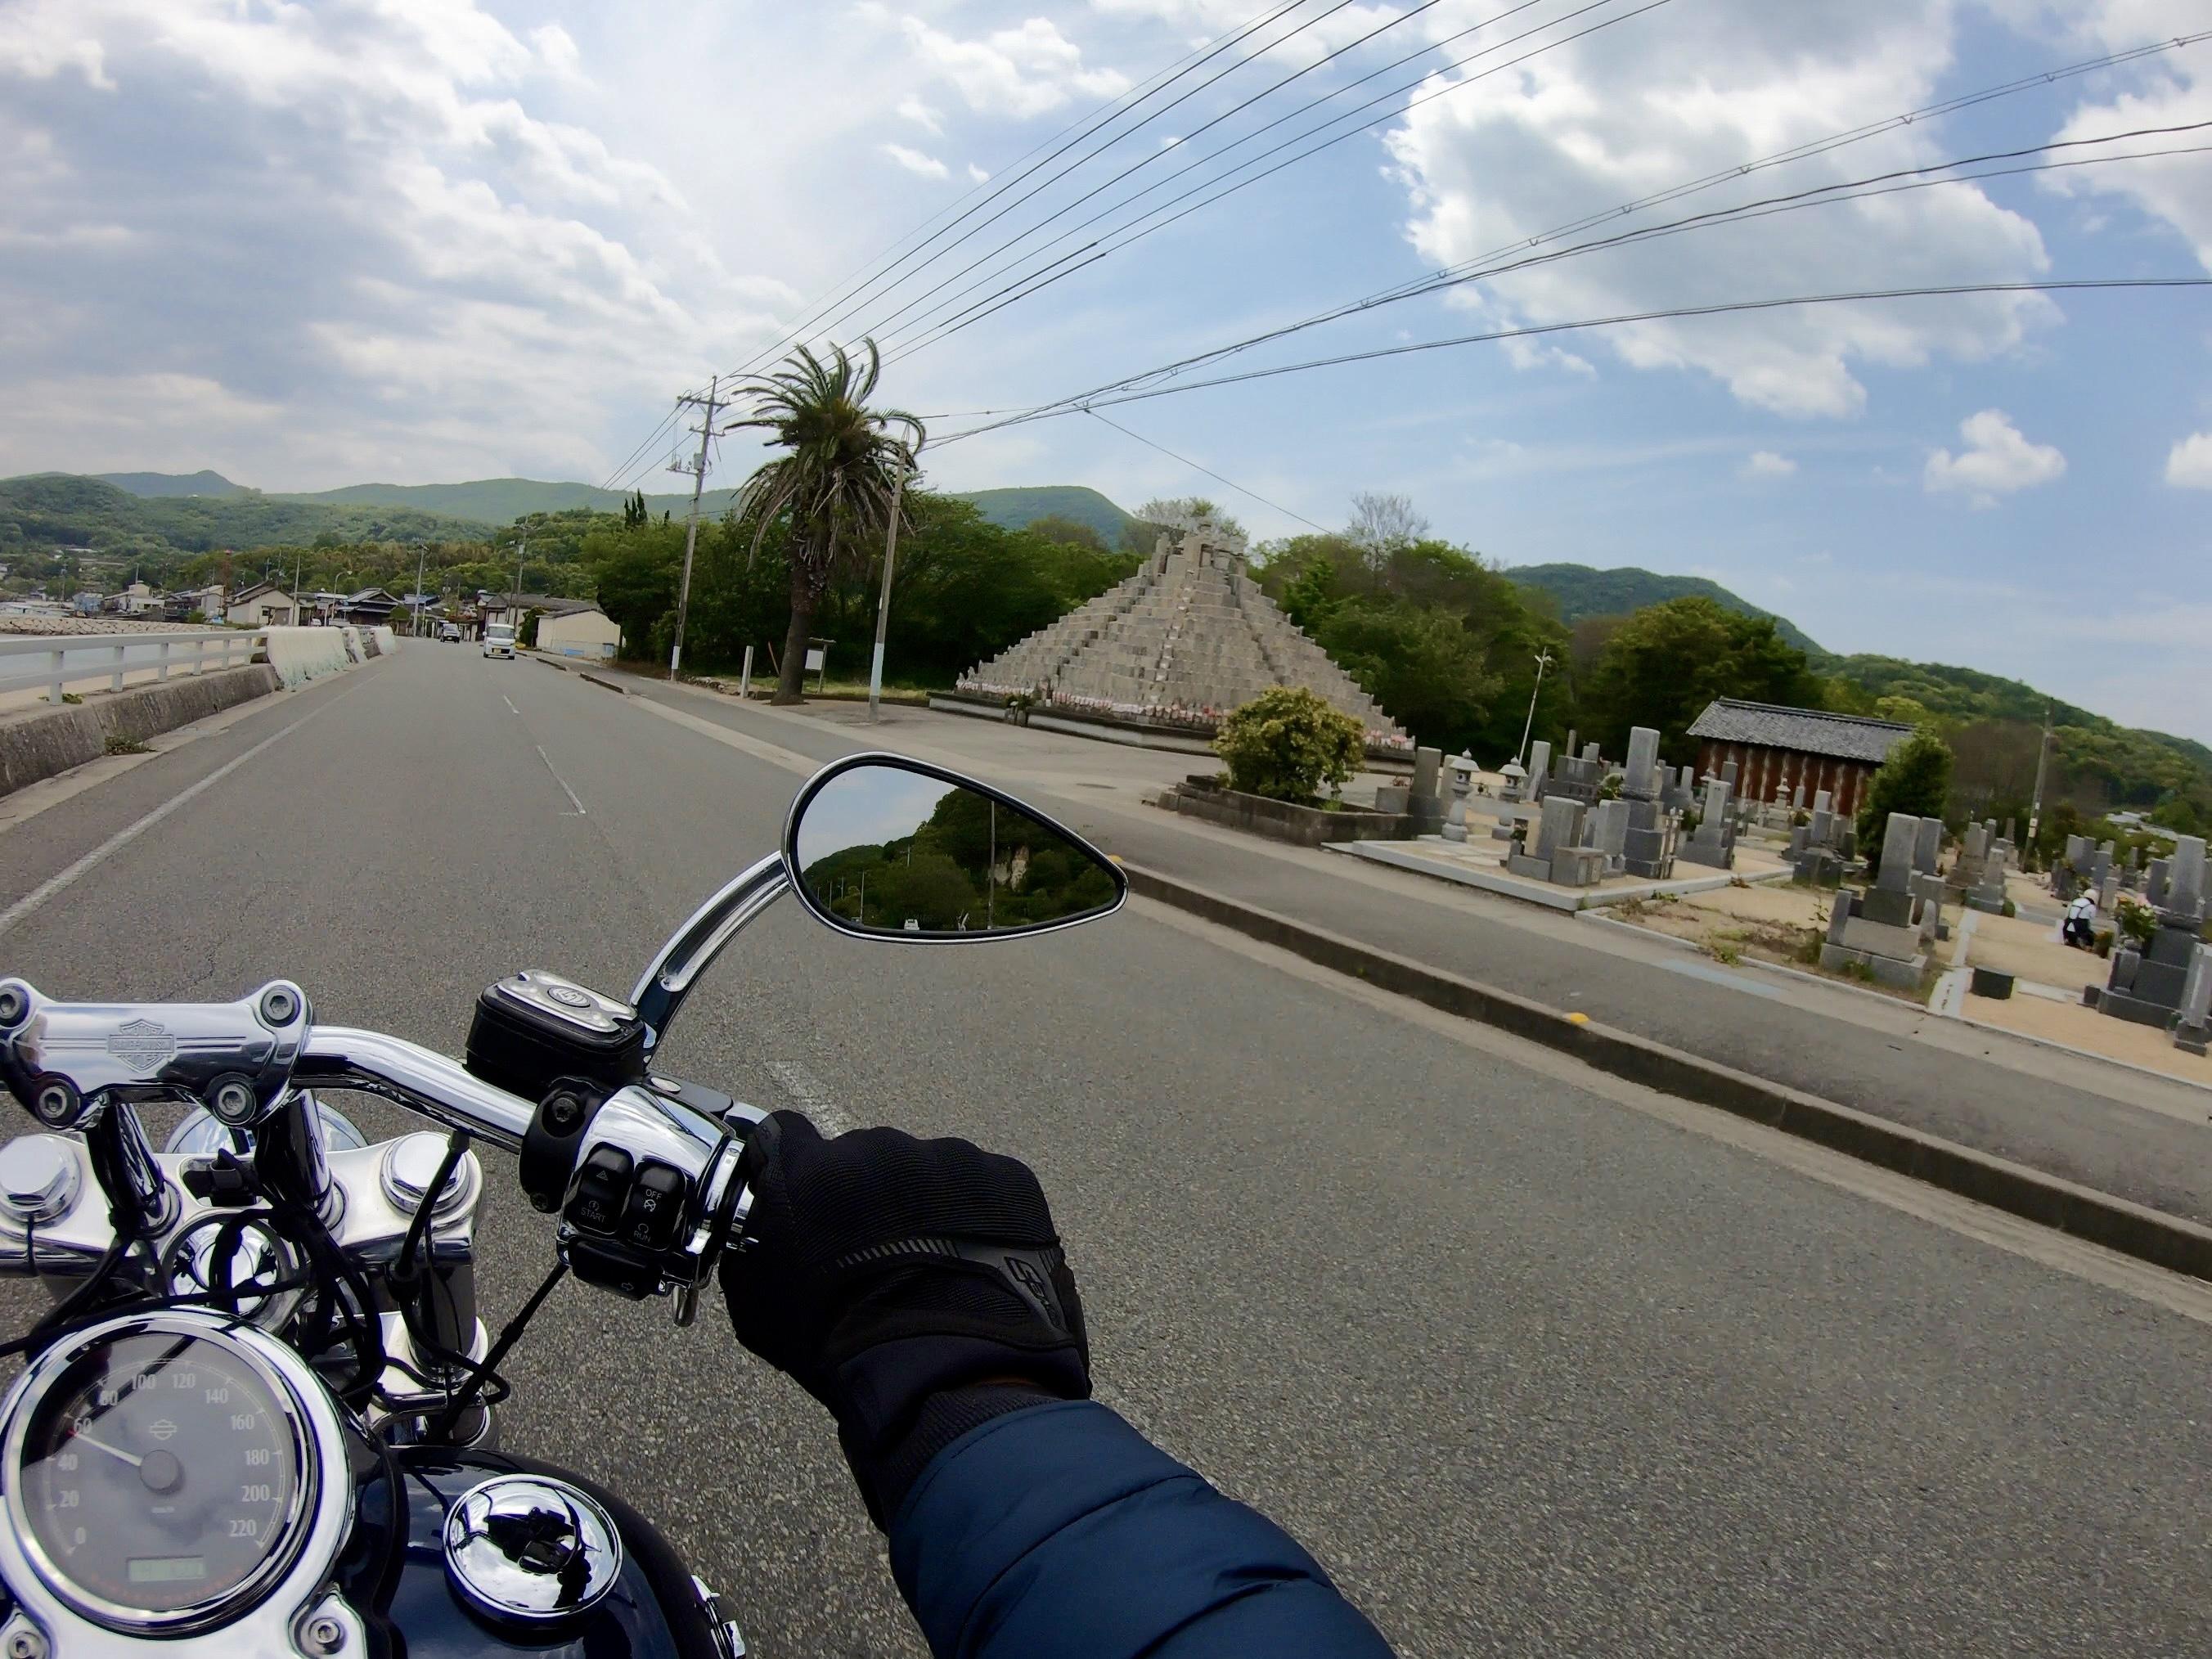 小豆島 絶景&グルメツーリング 海沿いの道 お墓 ピラミッド型のお墓 ピラミッド